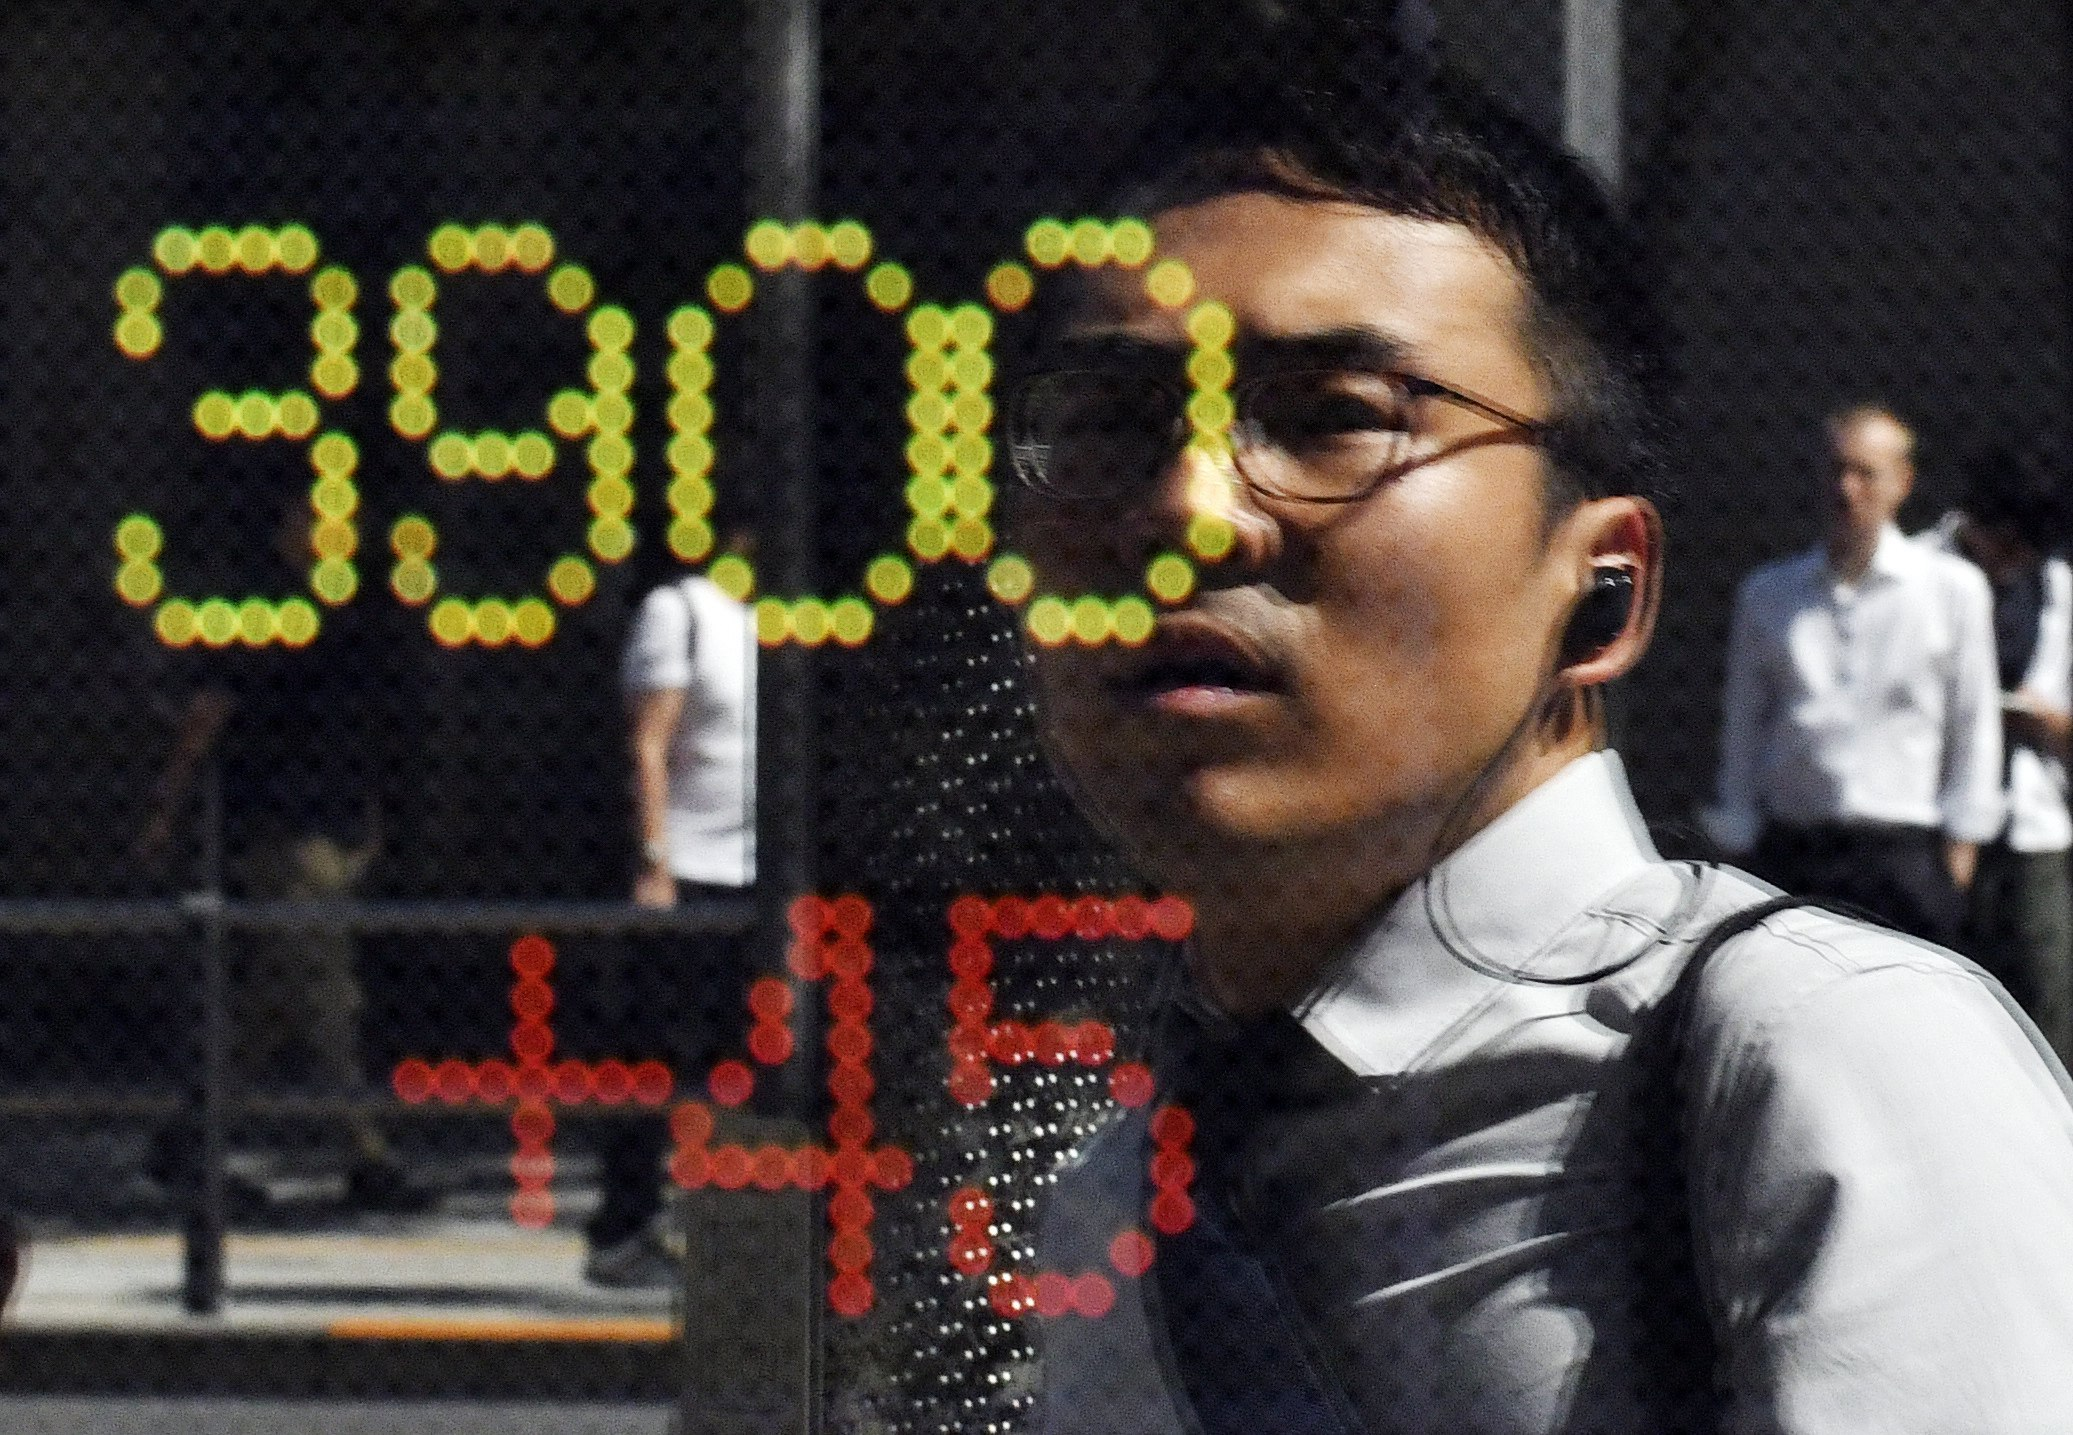 Un vianant es reflecteix en un indicador del mercat borsari a Tòquio. L'índex de referència Nikkei supera els 20.000 punts per primera vegada des de l'agost. /FRANCK ROBICHON